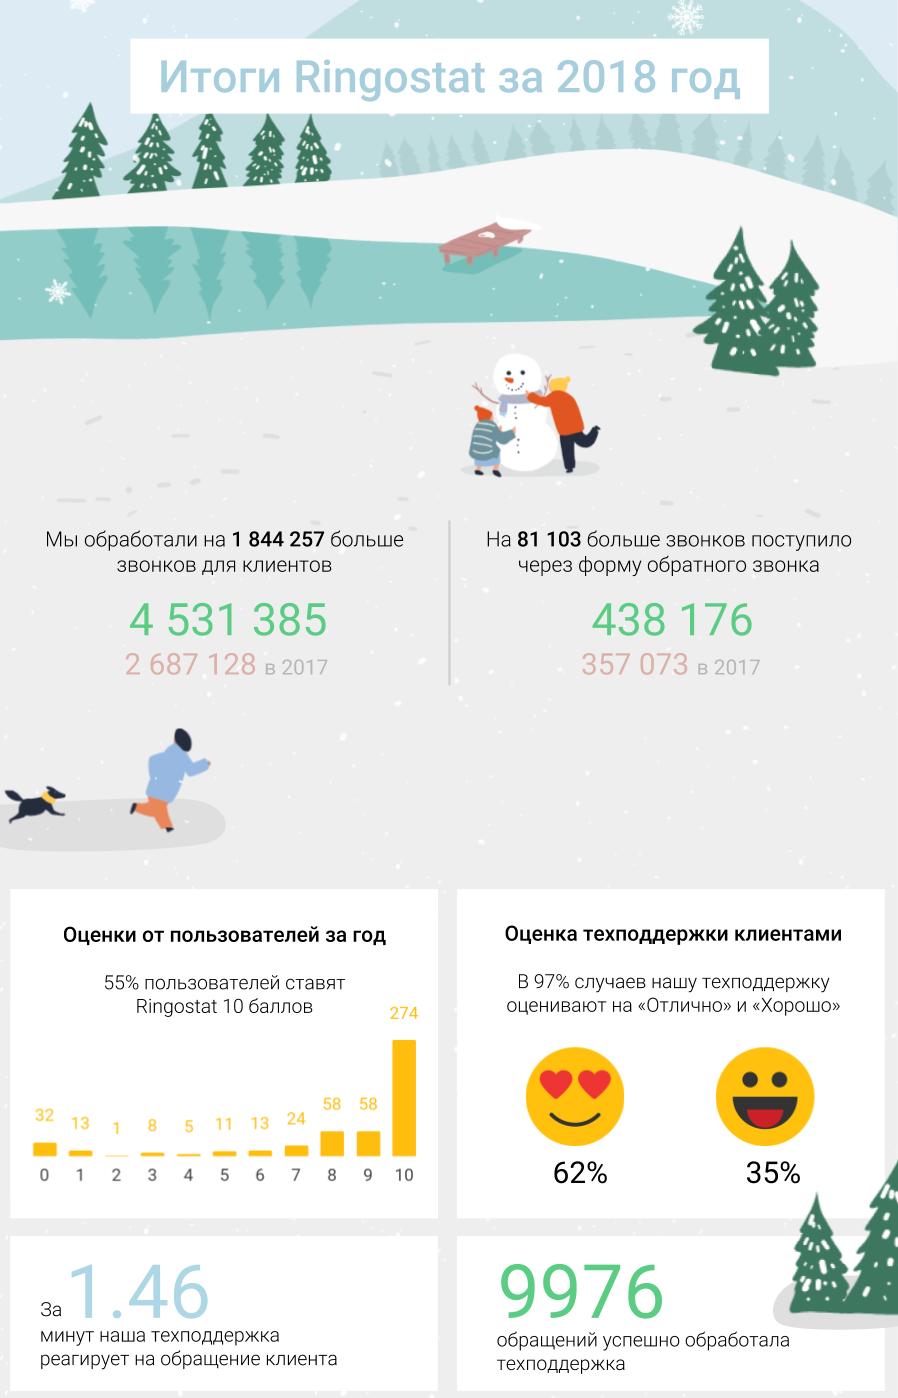 Ringostat в 2018: главные цифры, интеграции и обновления года